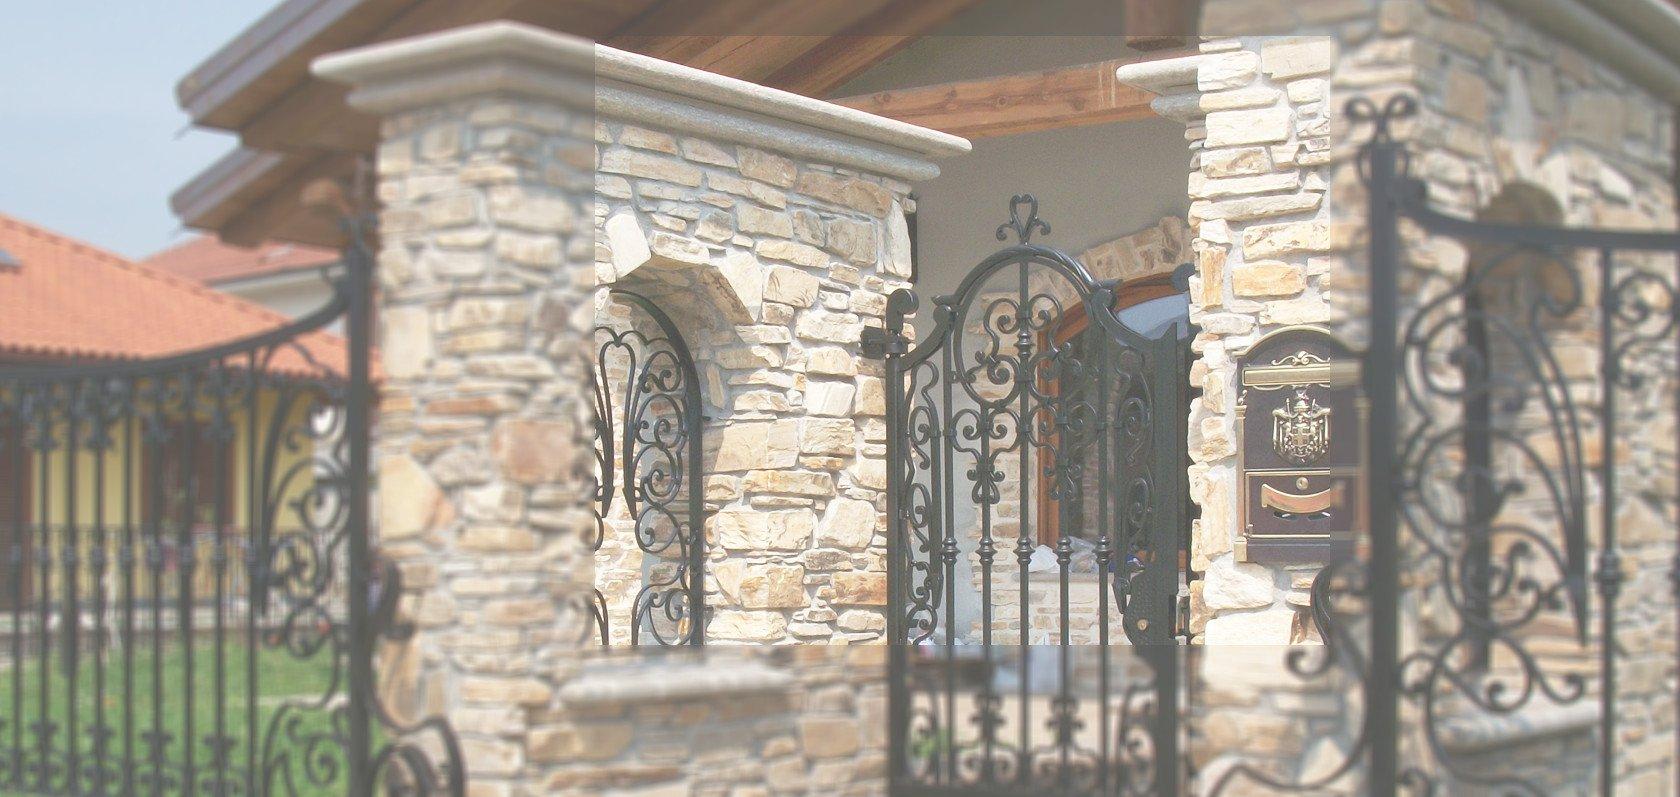 vista esterna di una casa con cancelli in ferro e parete in pietra